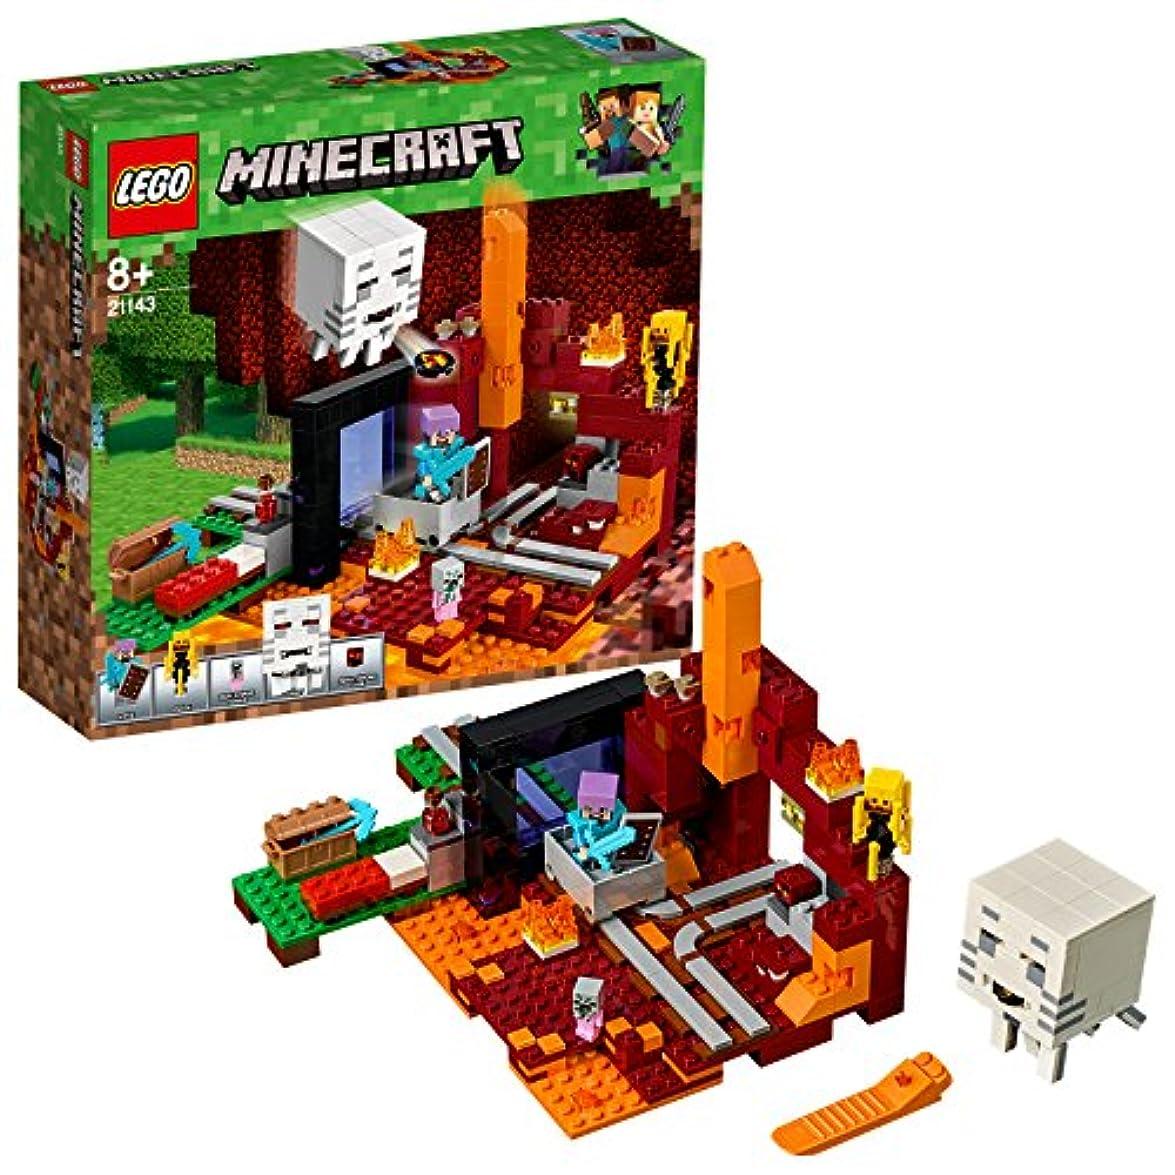 眉騙すつまずくレゴ(LEGO) マインクラフト 闇のポータル 21143